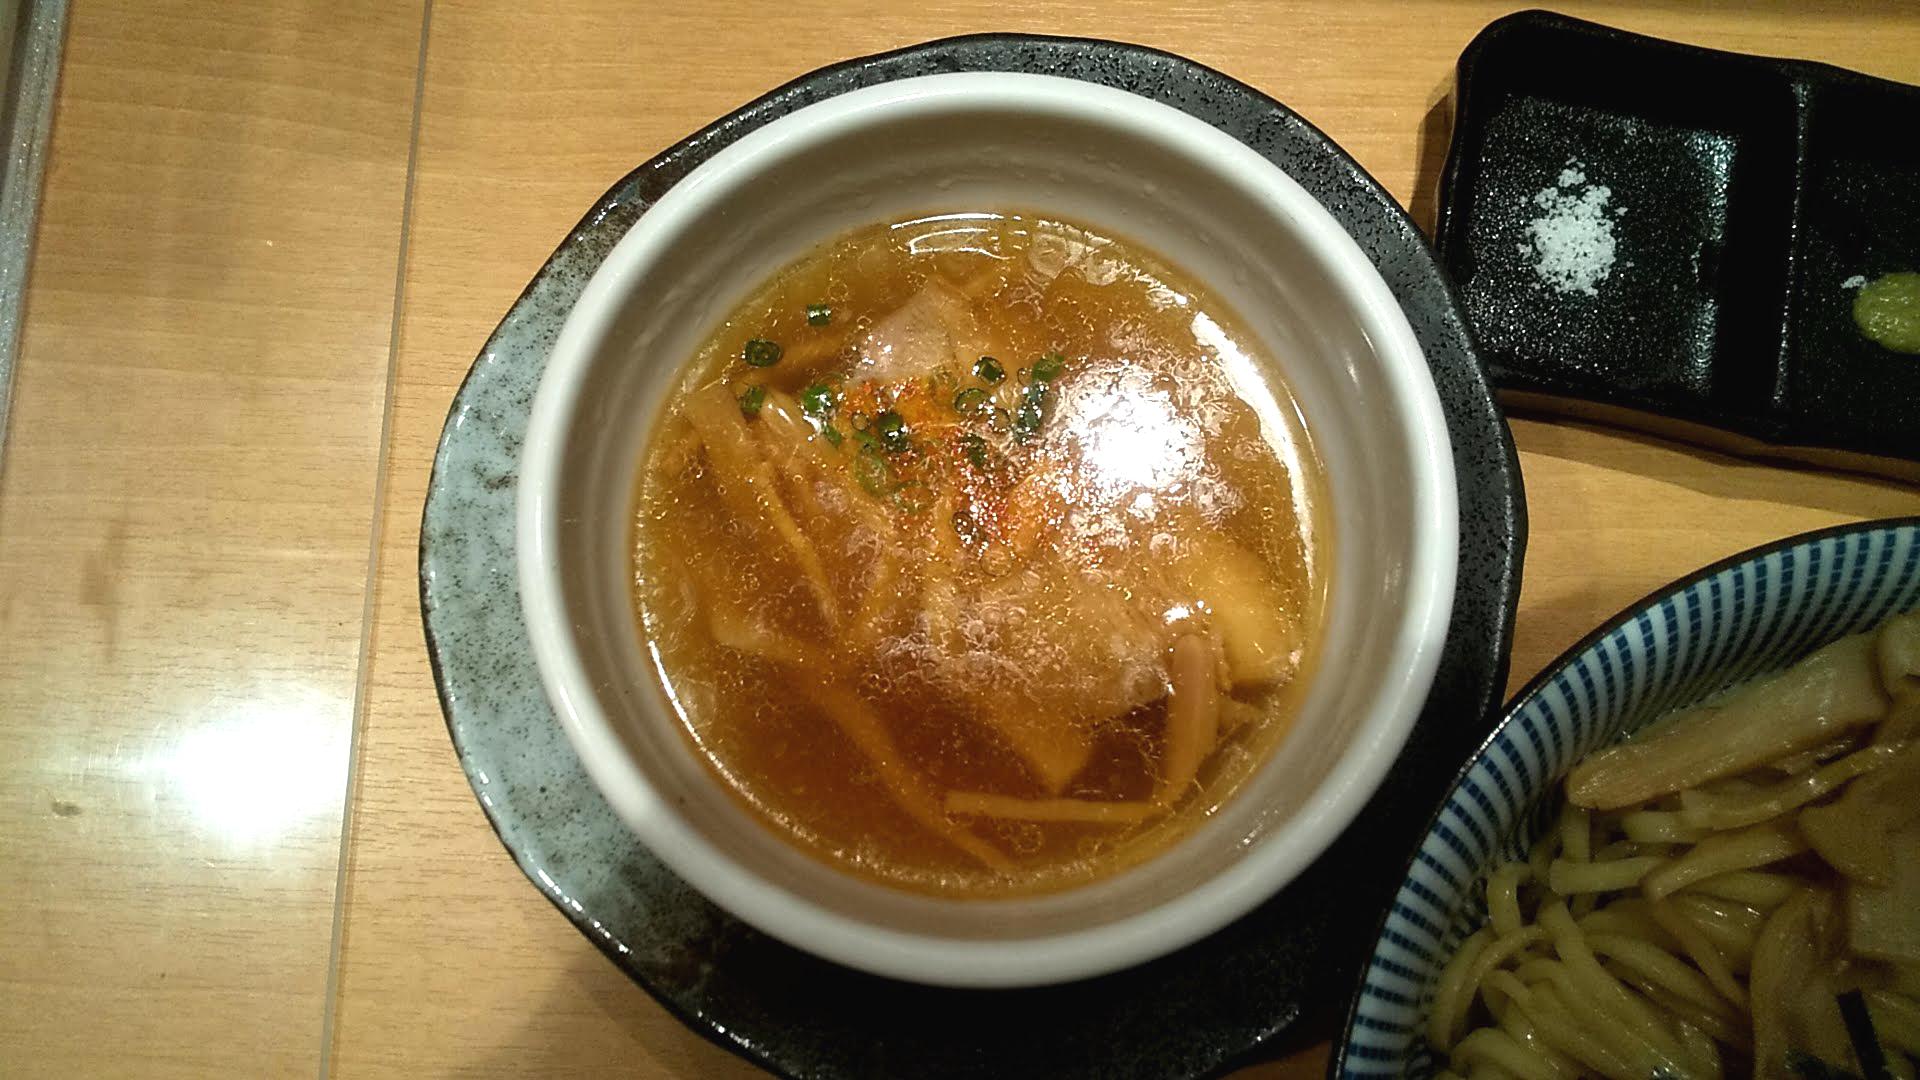 塩つけ麺灯花の特製つけ麺のつけ汁の写真